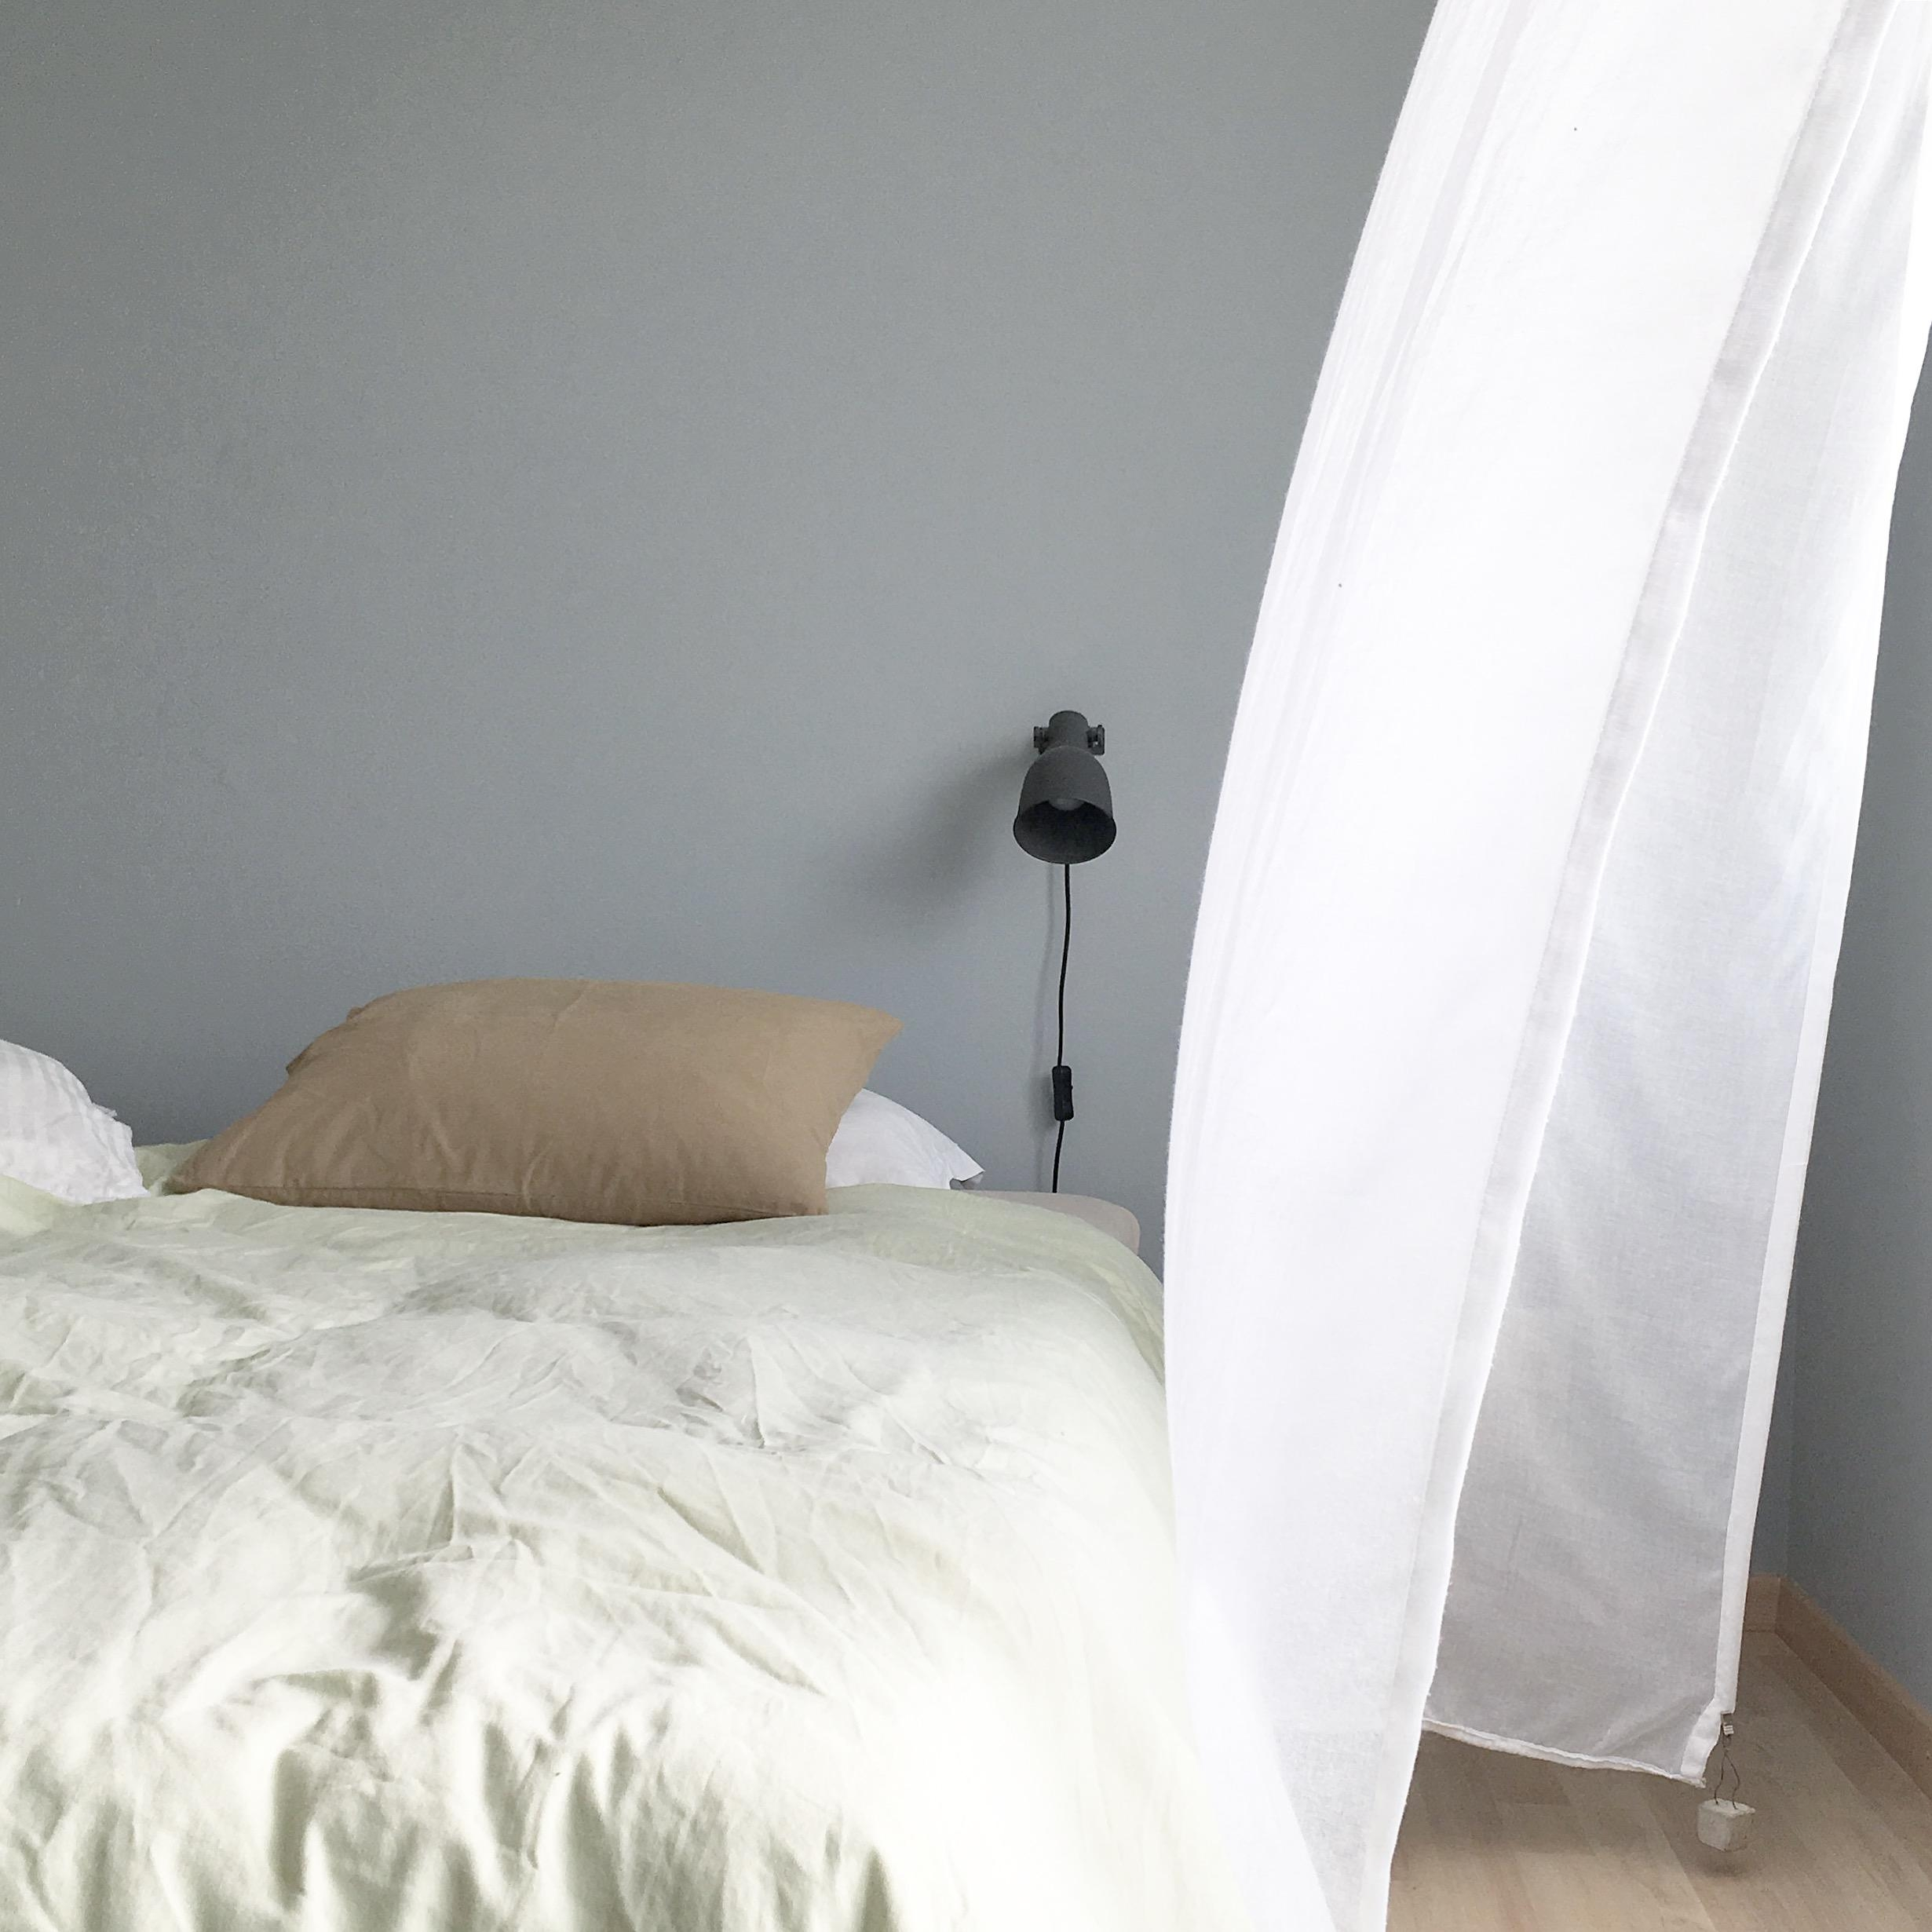 Full Size of Graues Bett Farben Im Schlafzimmer Inspiration Bei Couch Luxus Betten Günstige 140x200 Jabo Mit Gepolstertem Kopfteil Stauraum 160x200 Schöne Paidi Massiv Bett Graues Bett